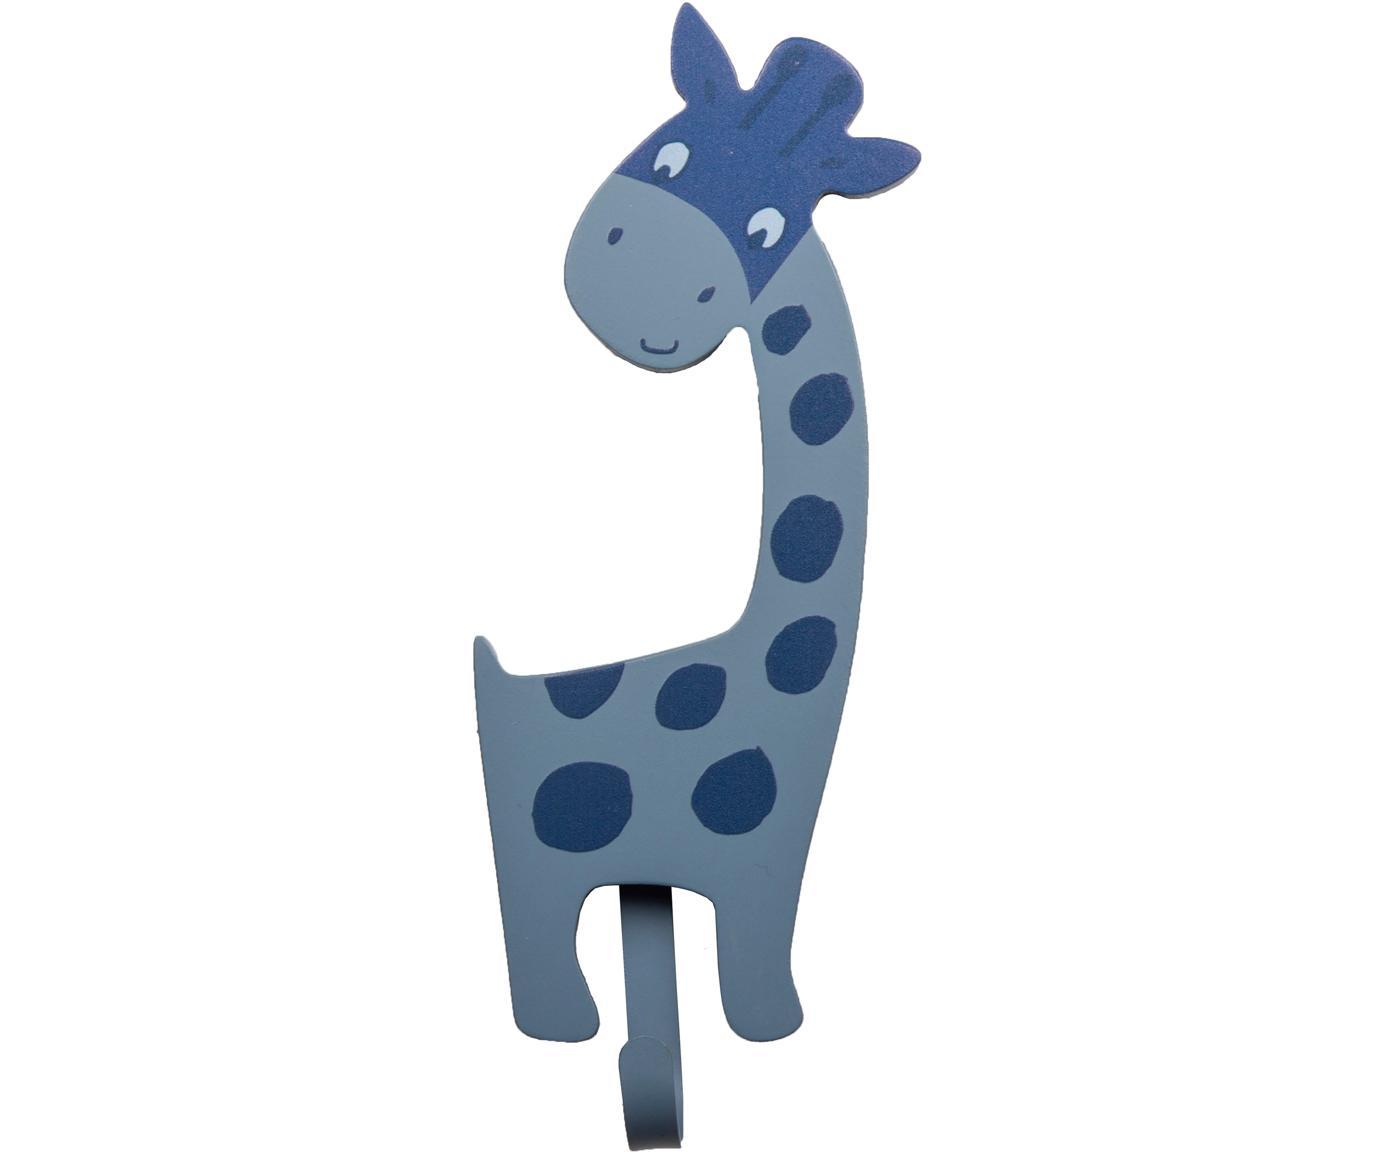 Wandhaak Giraffa, MDF, metaal, Blauw, 9 x 23 cm